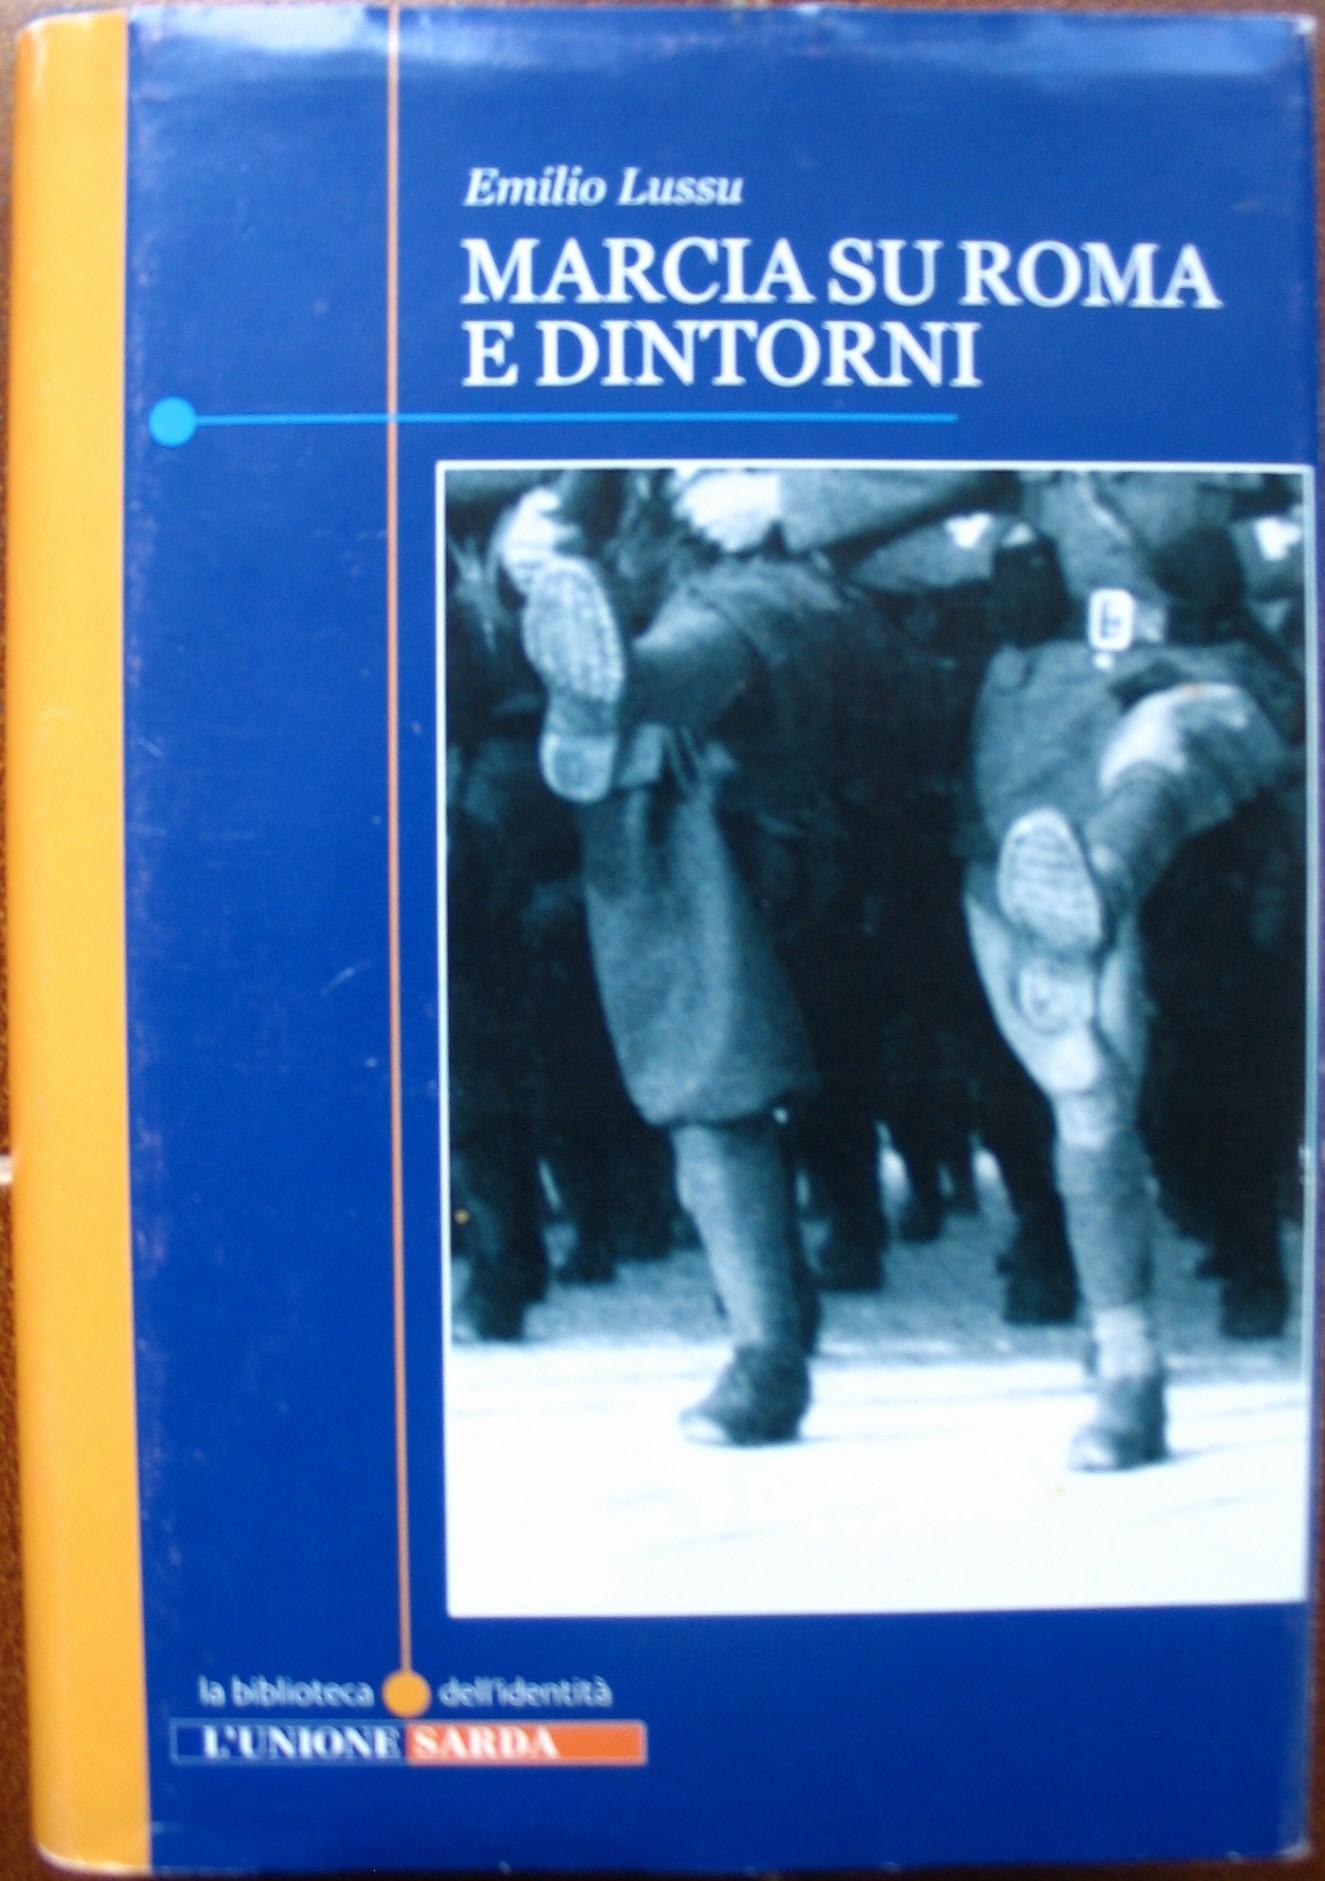 marcia su roma e dintorni  Marcia su Roma e dintorni - Emilio Lussu - 59 recensioni - L'Unione ...